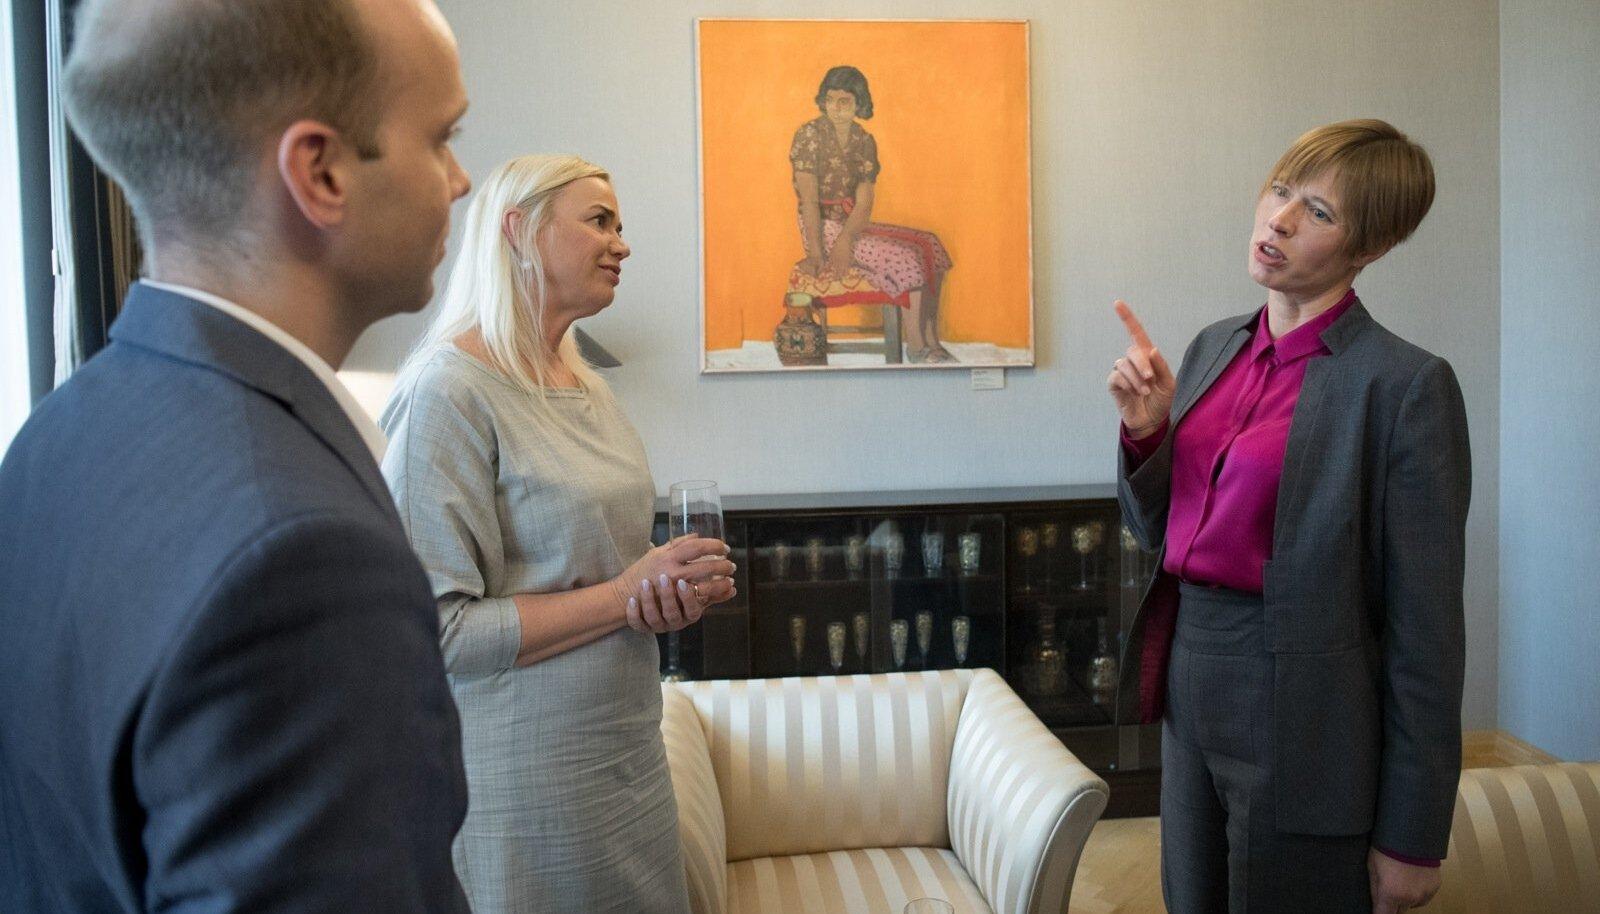 """President Kersti Kaljulaid kinnitas intervjueerijatele, et tema arvates ei ole Tallinn ja Eesti äärealad kuidagi erinevad. """"Ma ei usu ka depressiivsete väikelinnade kontseptsiooni. Olen säravaid silmi igal pool näinud,"""" sõnas president."""